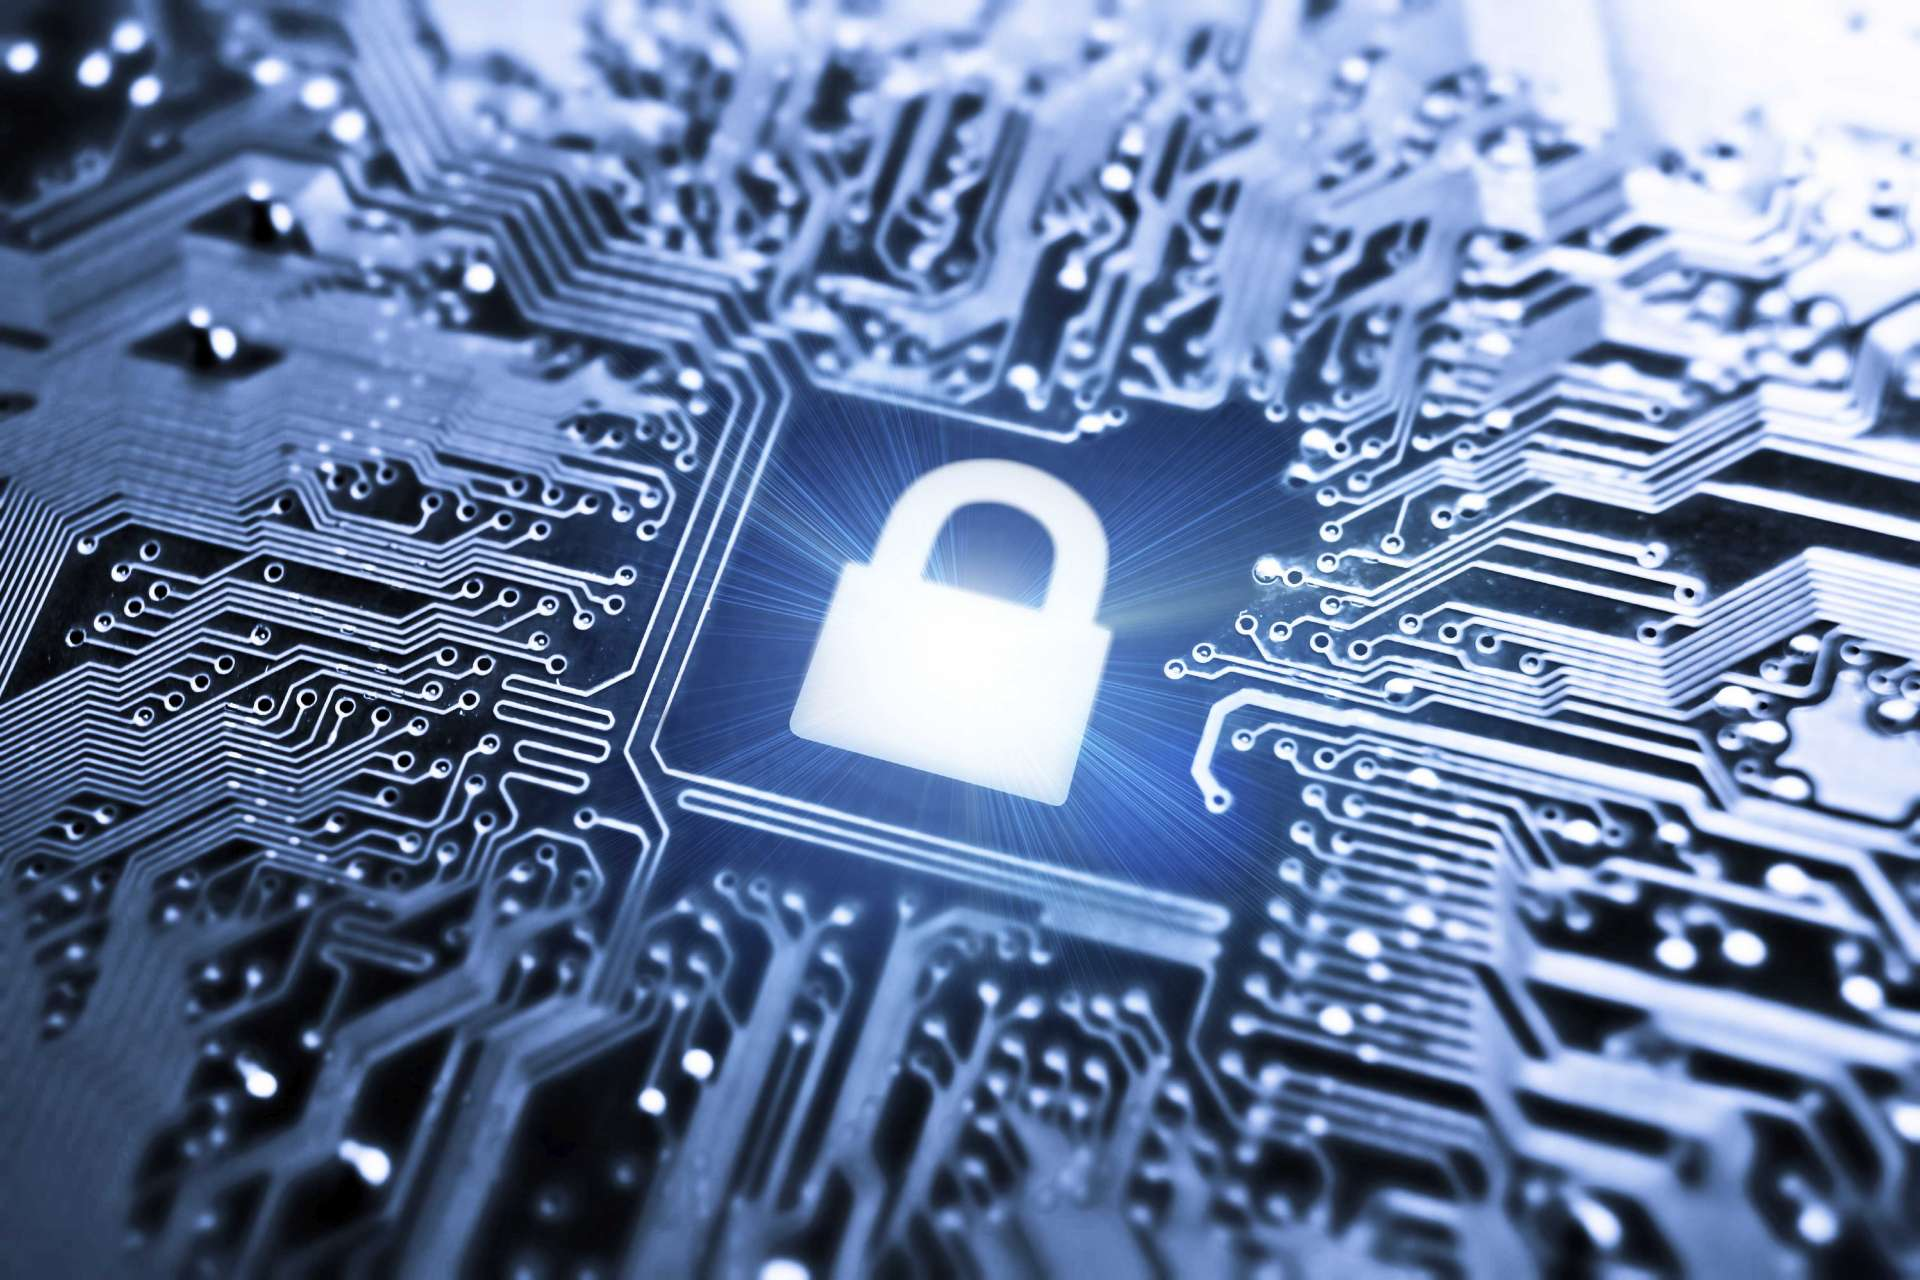 Quali sono gli obiettivi della sicurezza informatica?